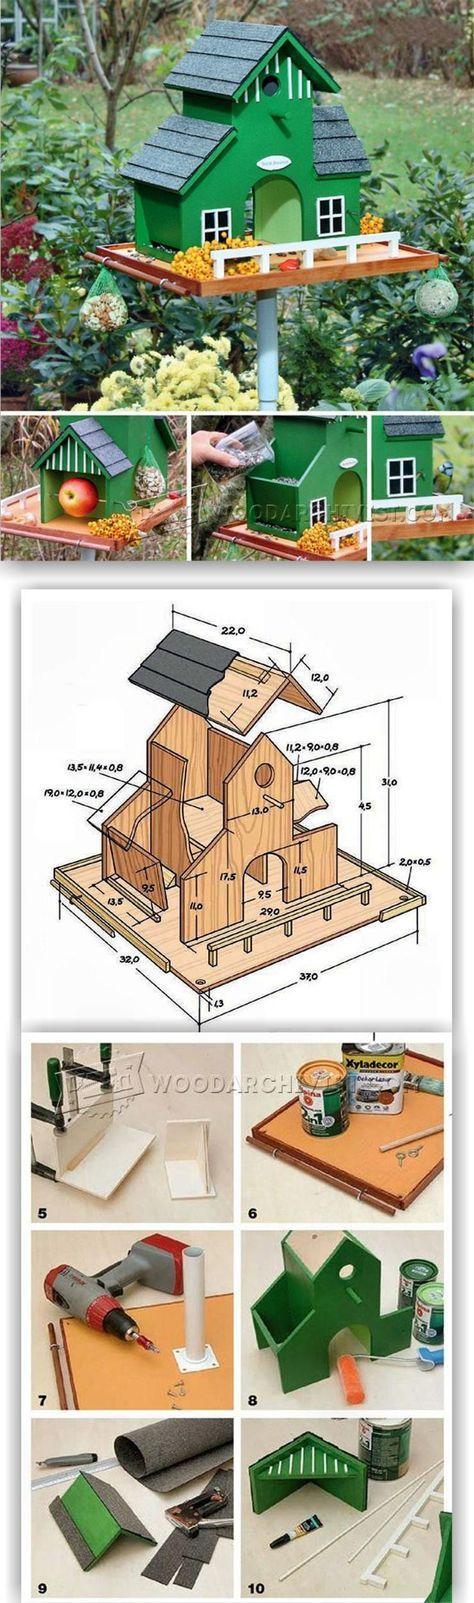 DIY Garden Bird Feeder - Outdoor Plans and Projects | WoodArchivist.com